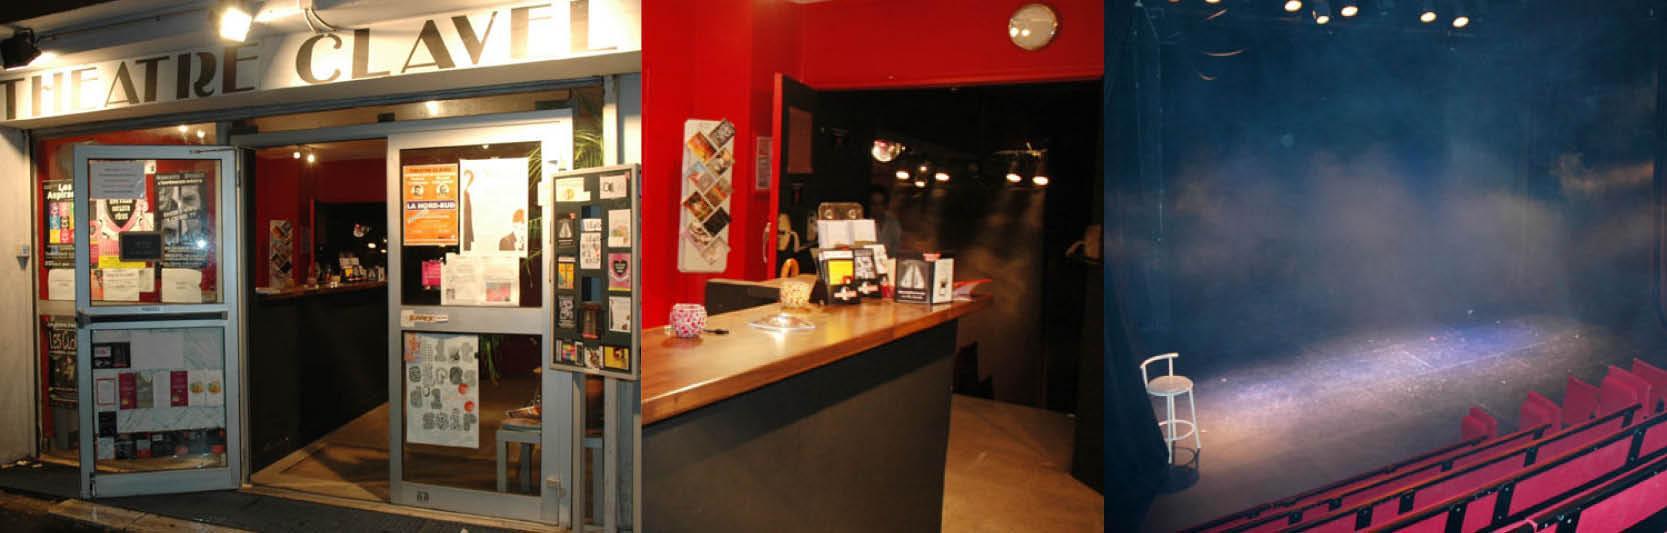 Théâtre Clavel - Zone 4